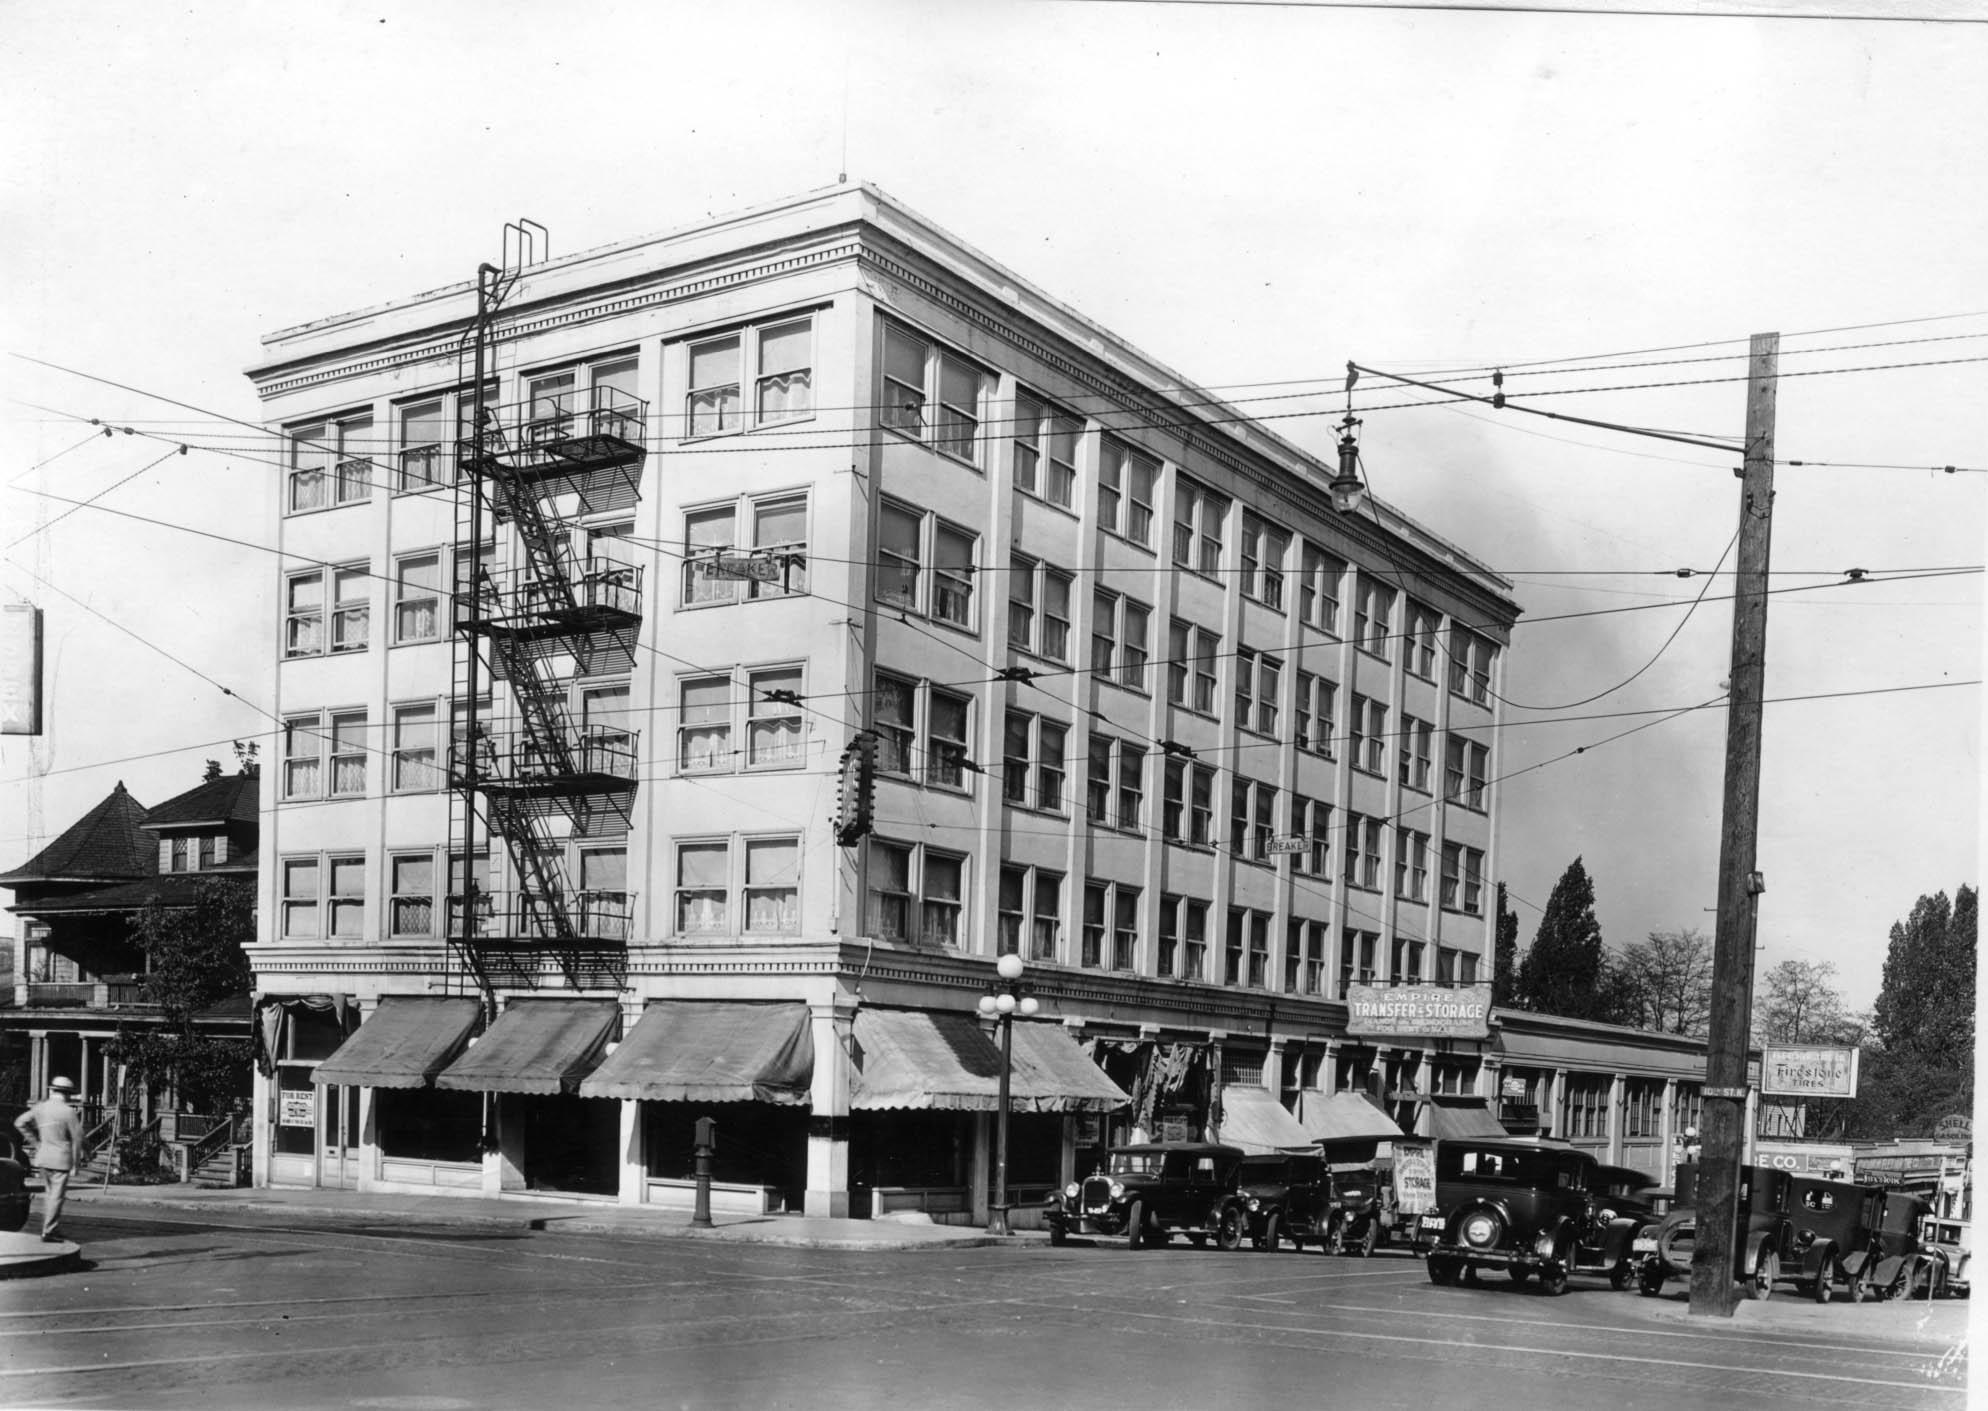 W Burnside St and N 10th 1927